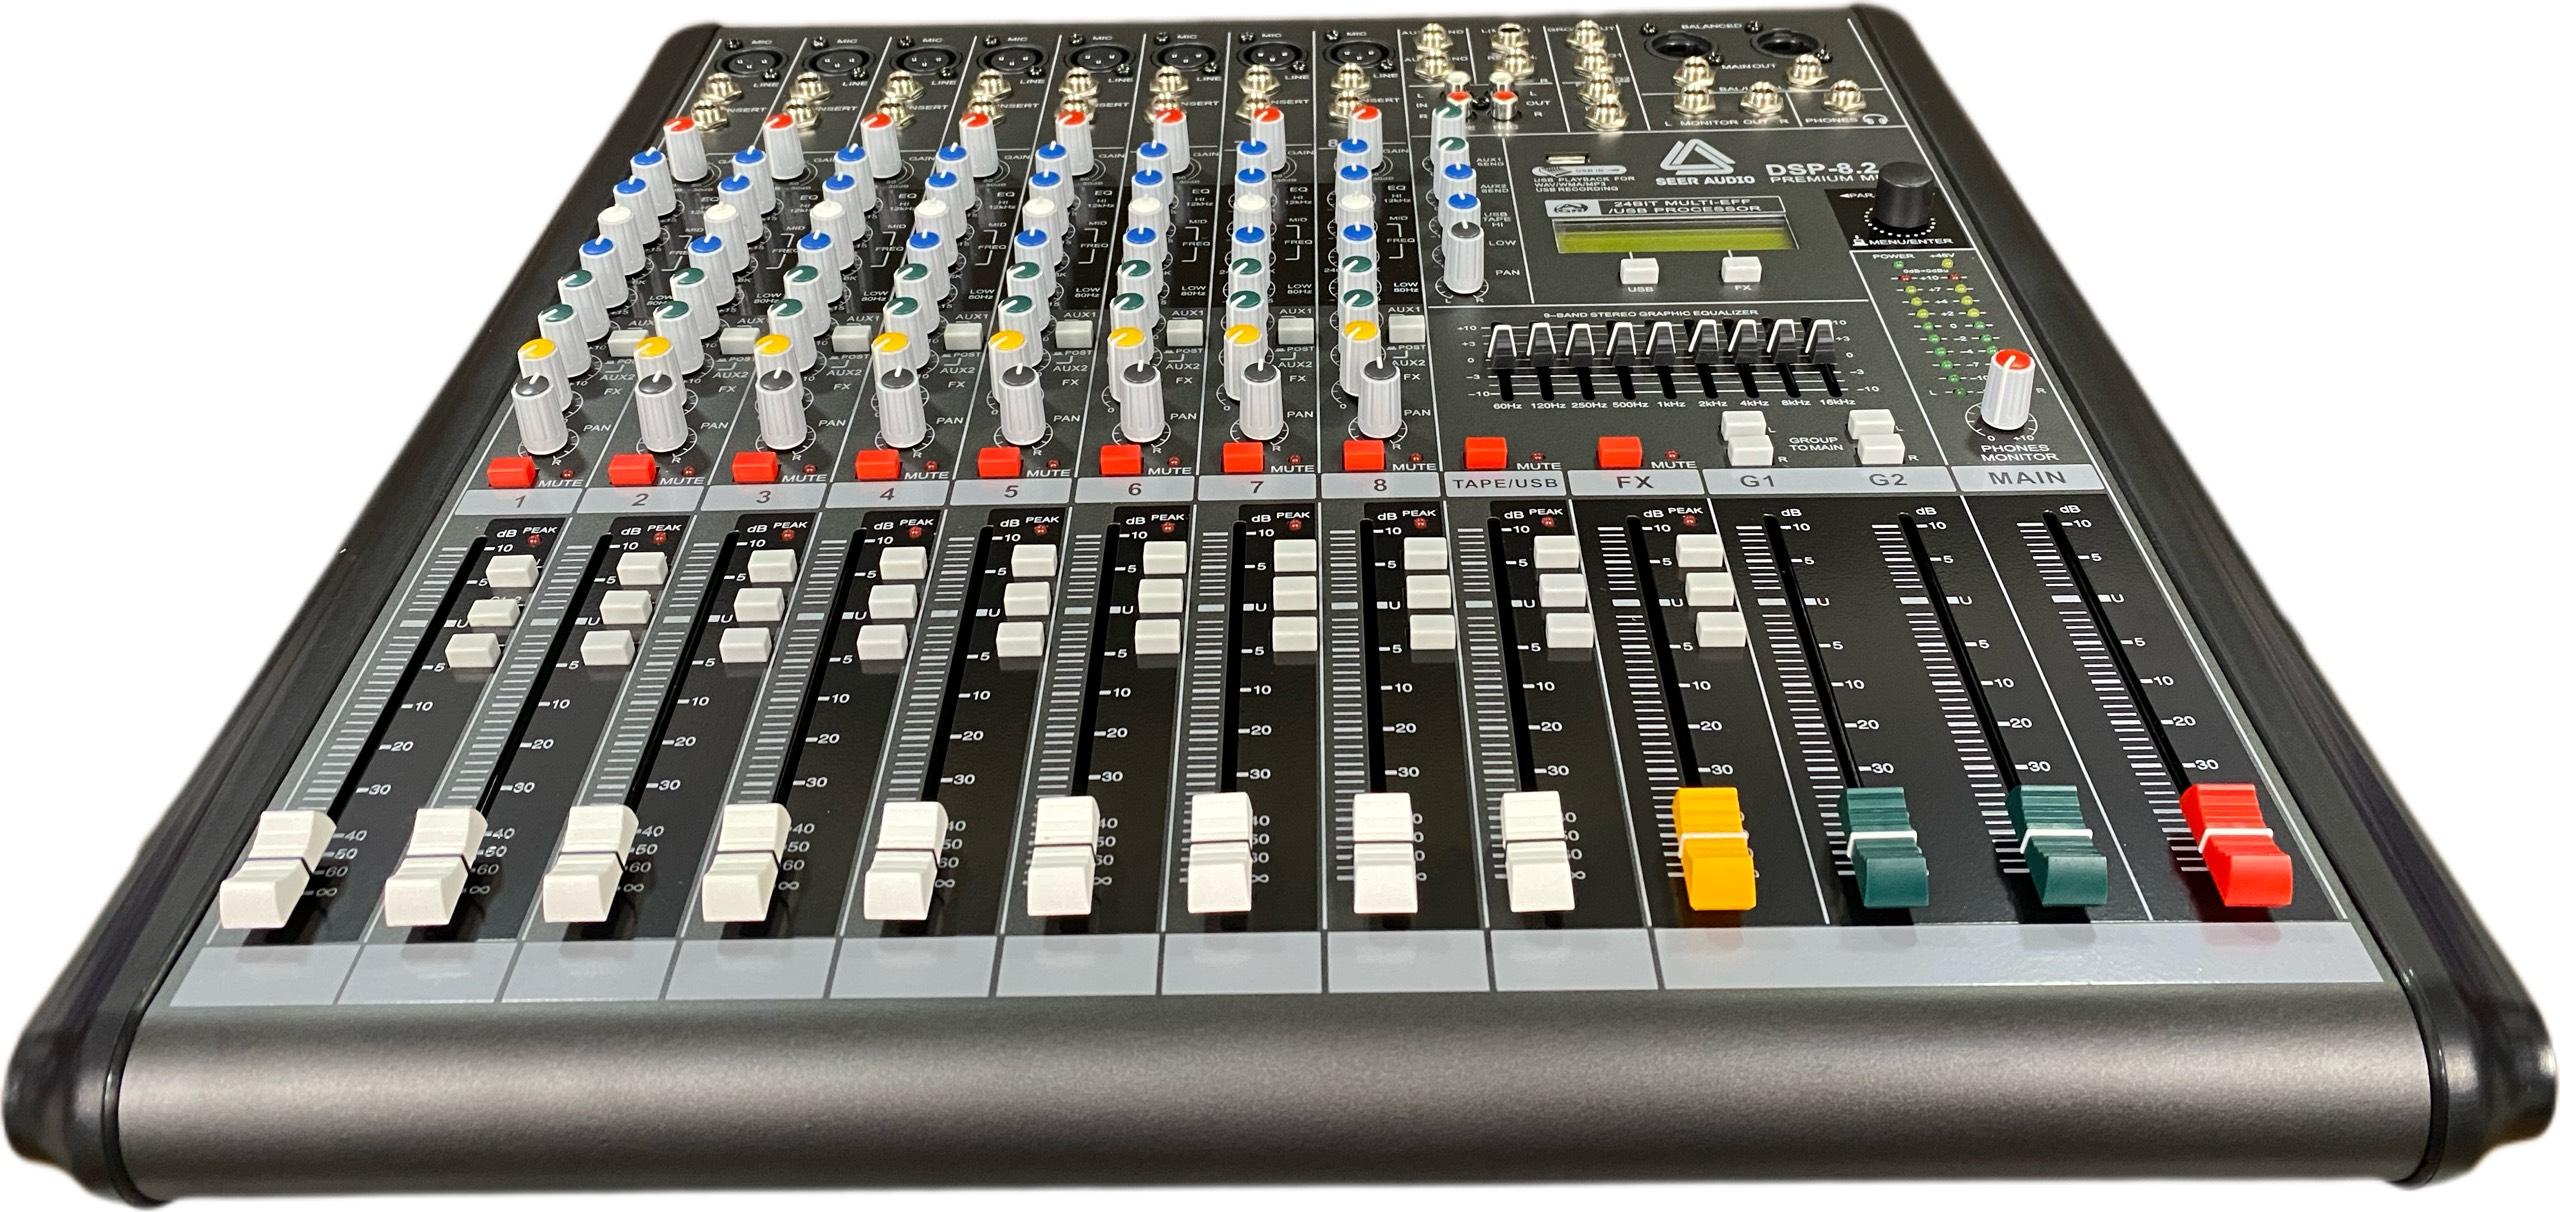 Seer audio DSP8.2 USB